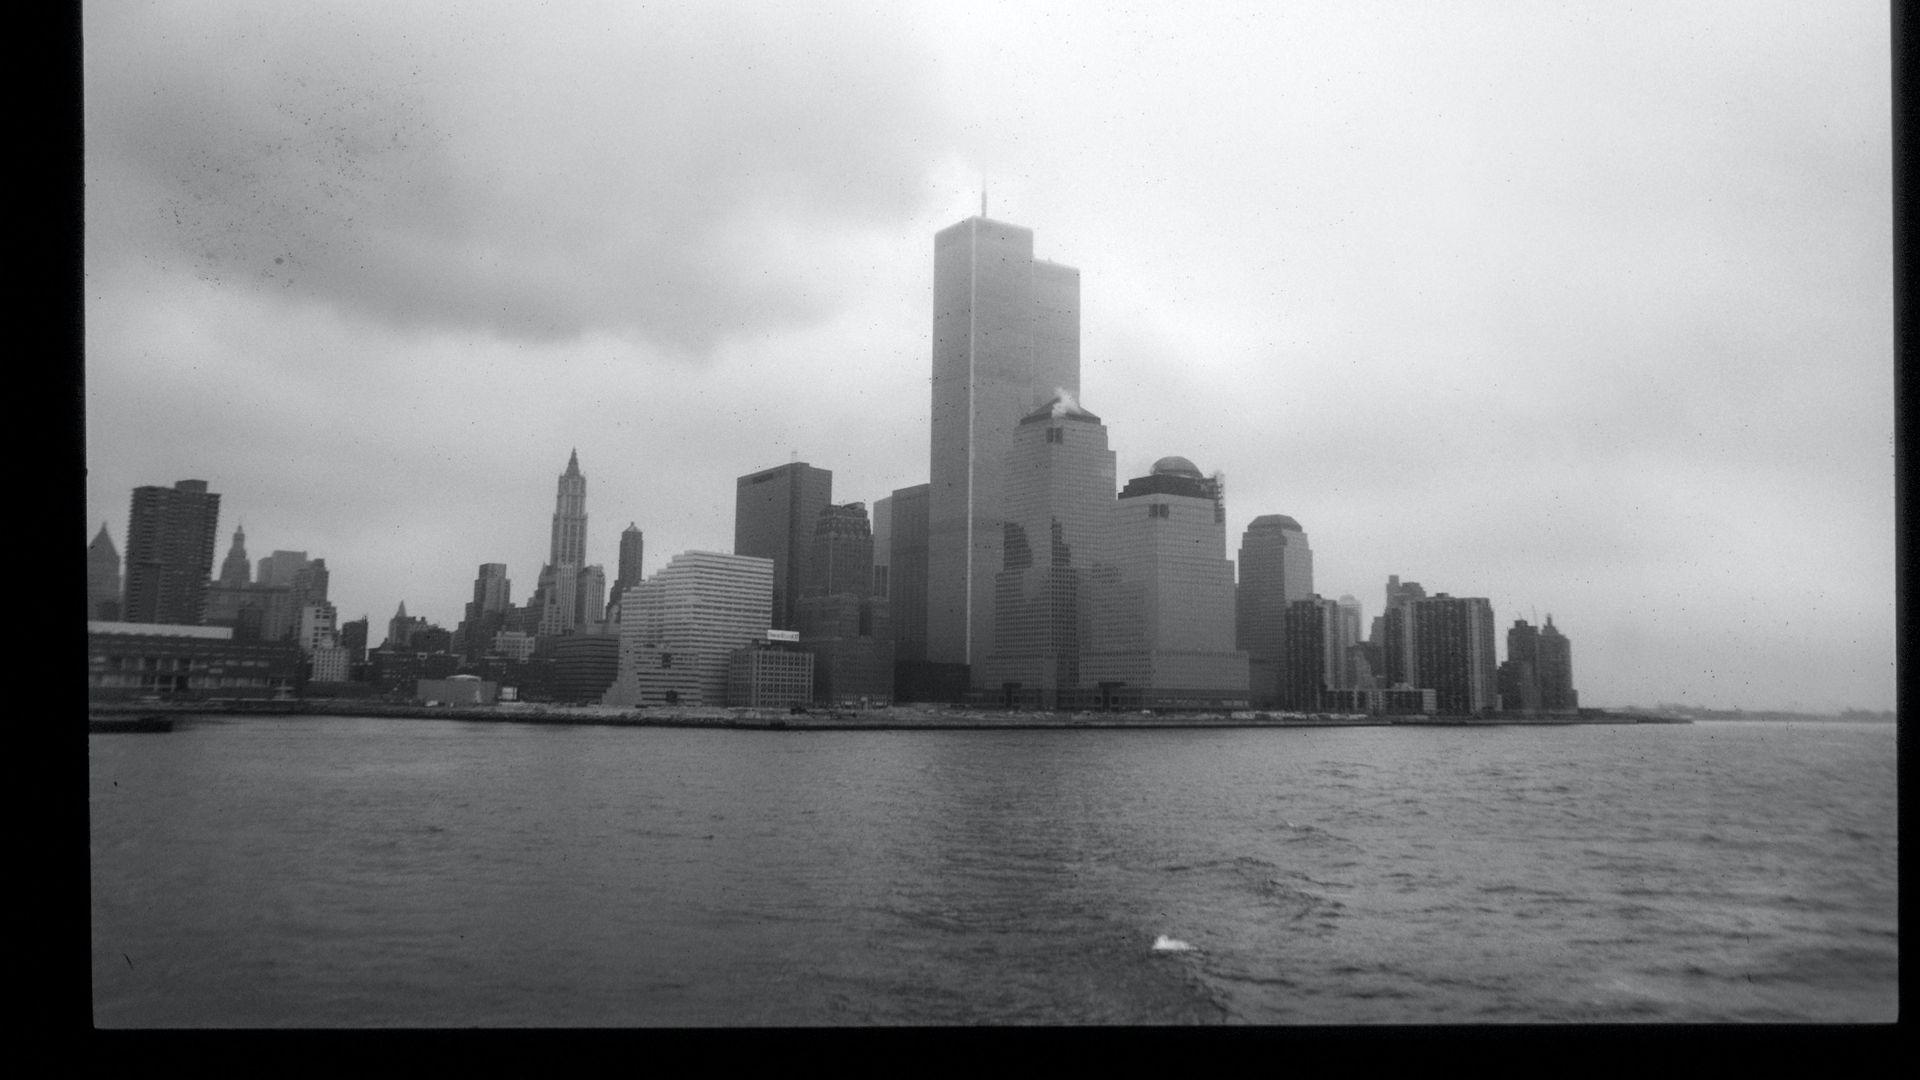 Os ataques terroristas de 11 de setembro completam 20 anos